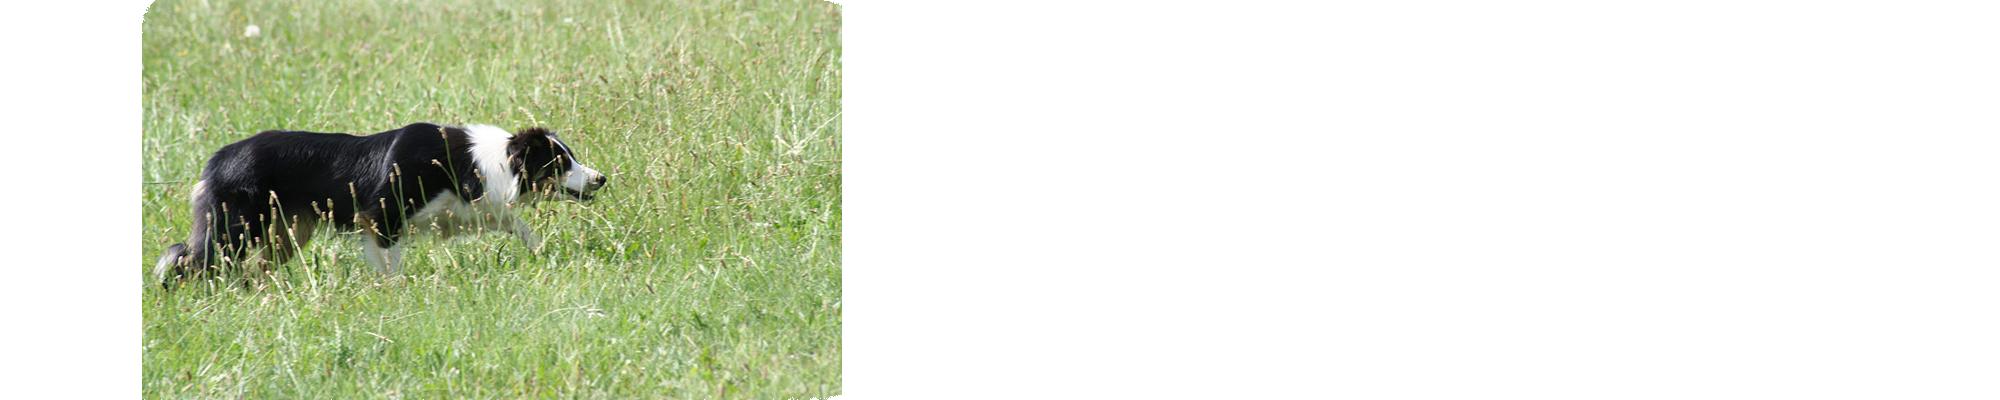 Slide-5_2000x400